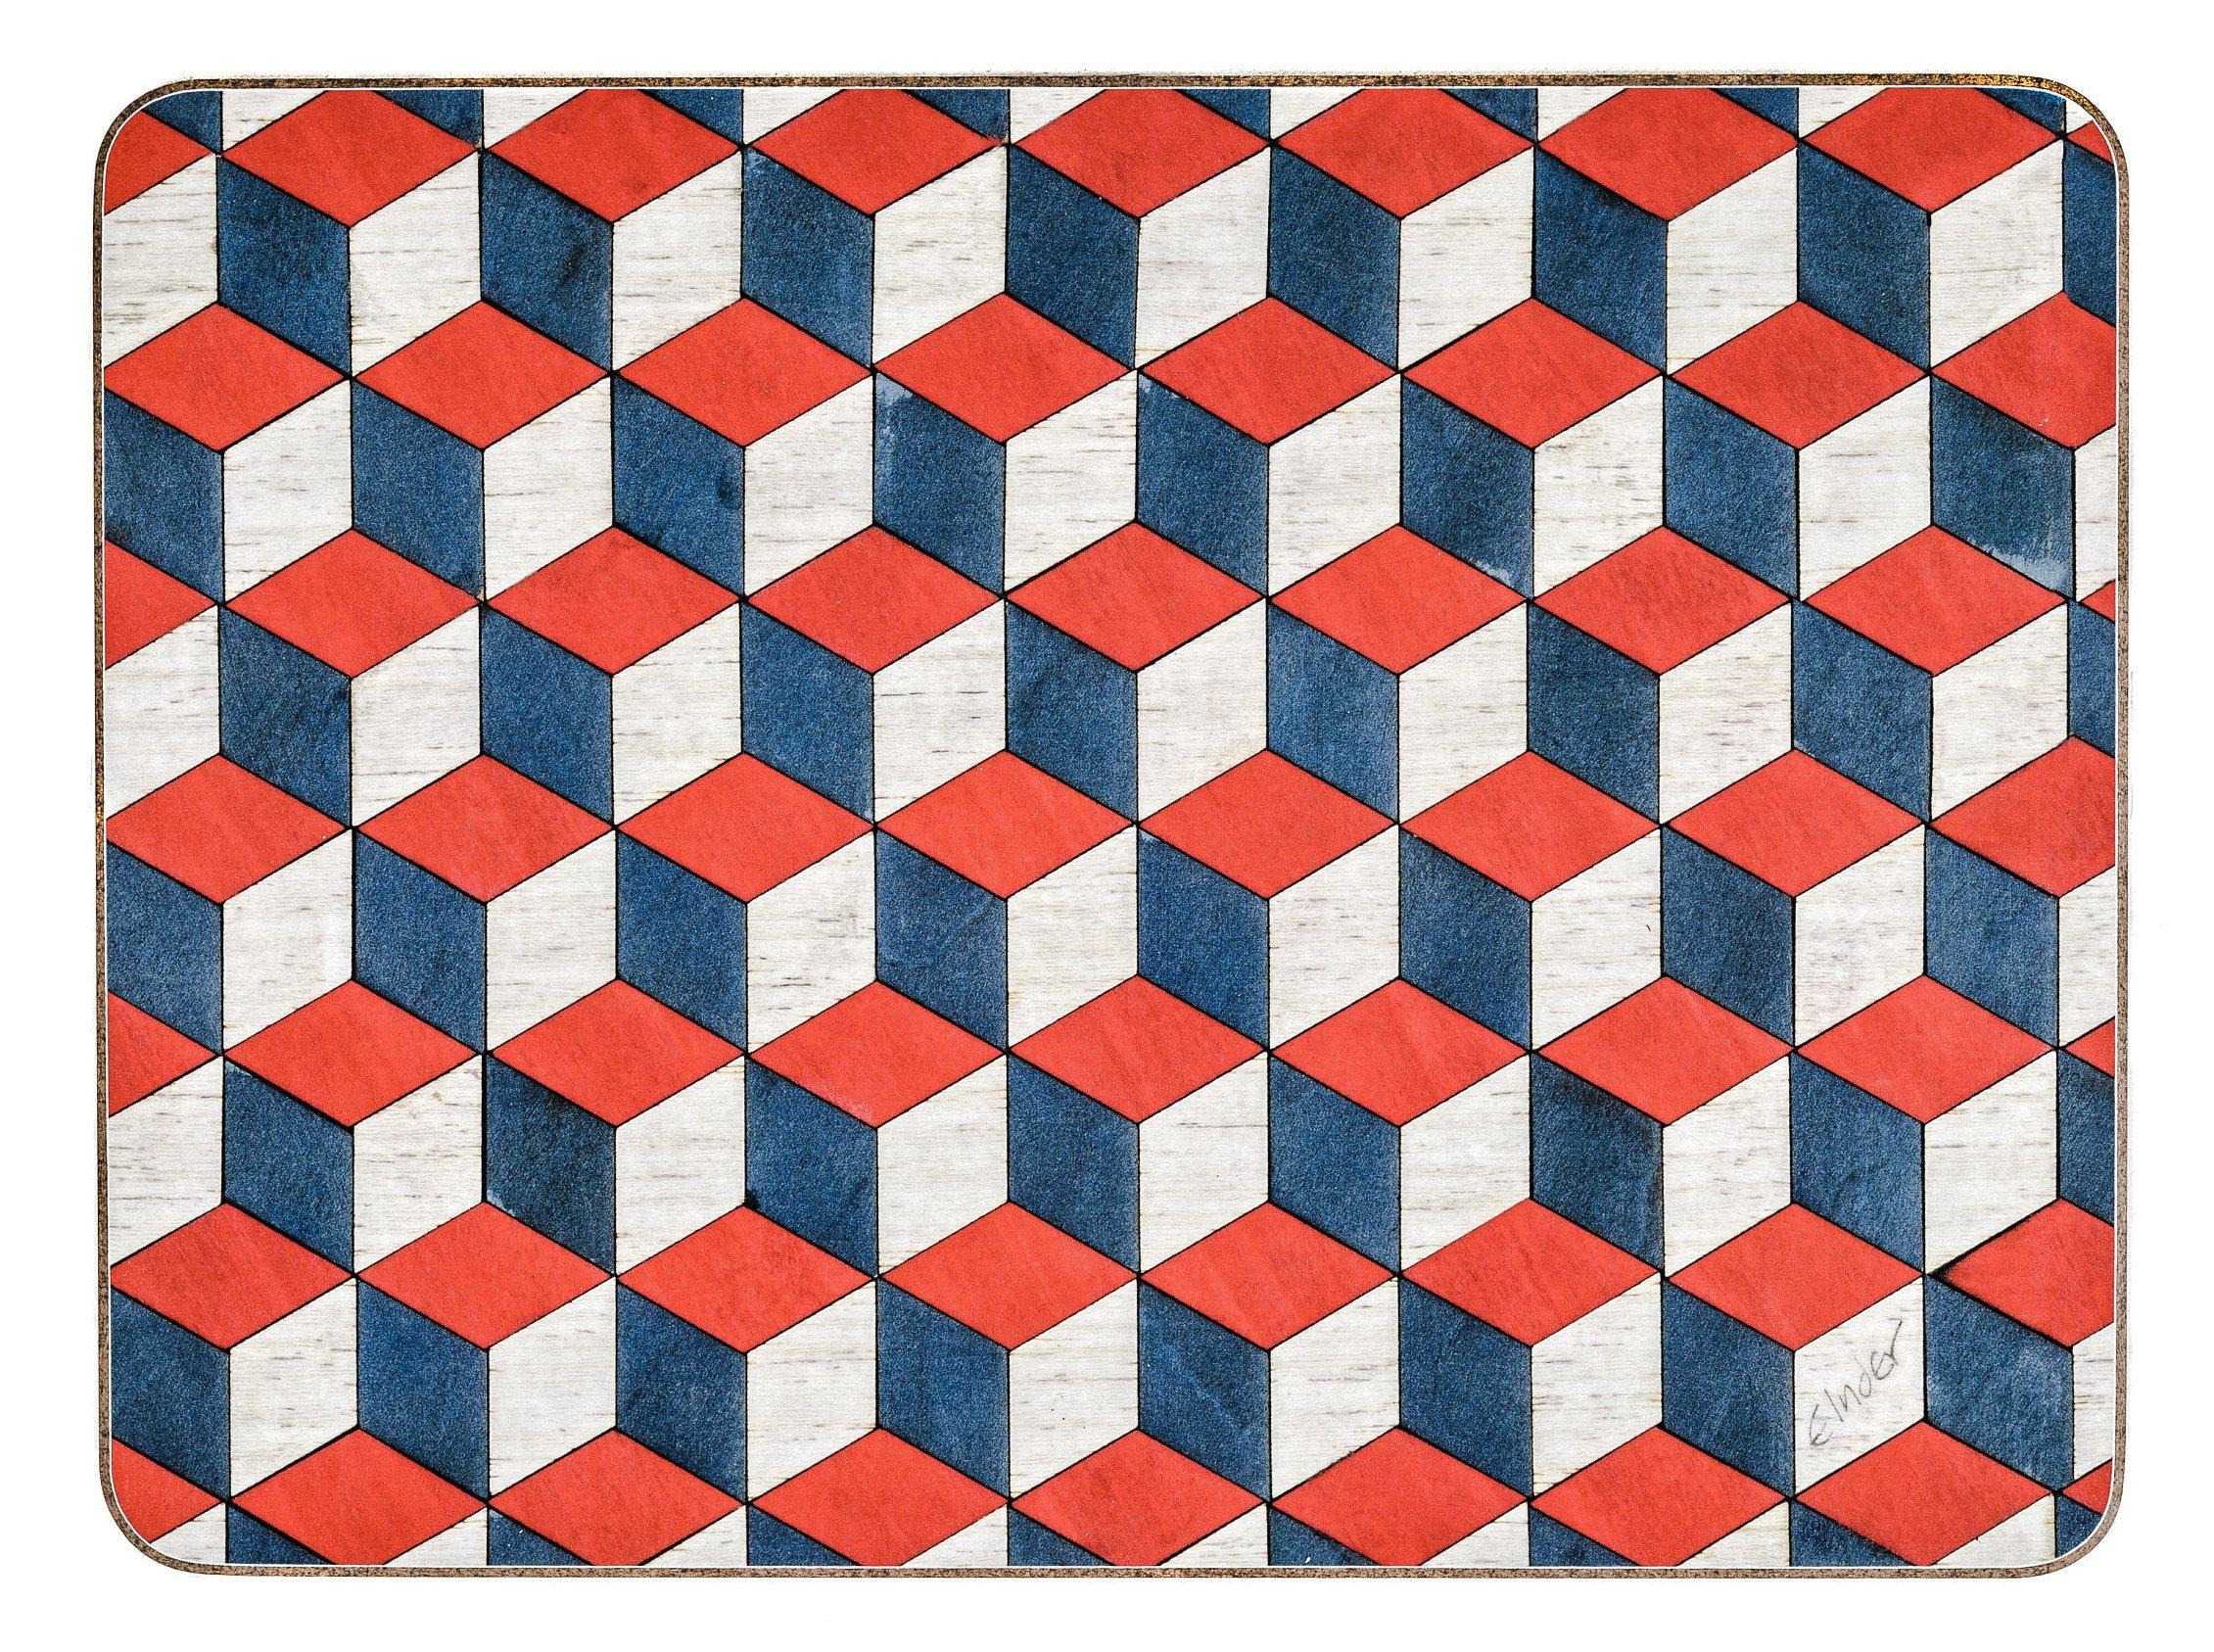 4 Place Mats Set Large Heat Resistant Geometric 3 Colours To Etsy Placemats Heat Resistant Geometric